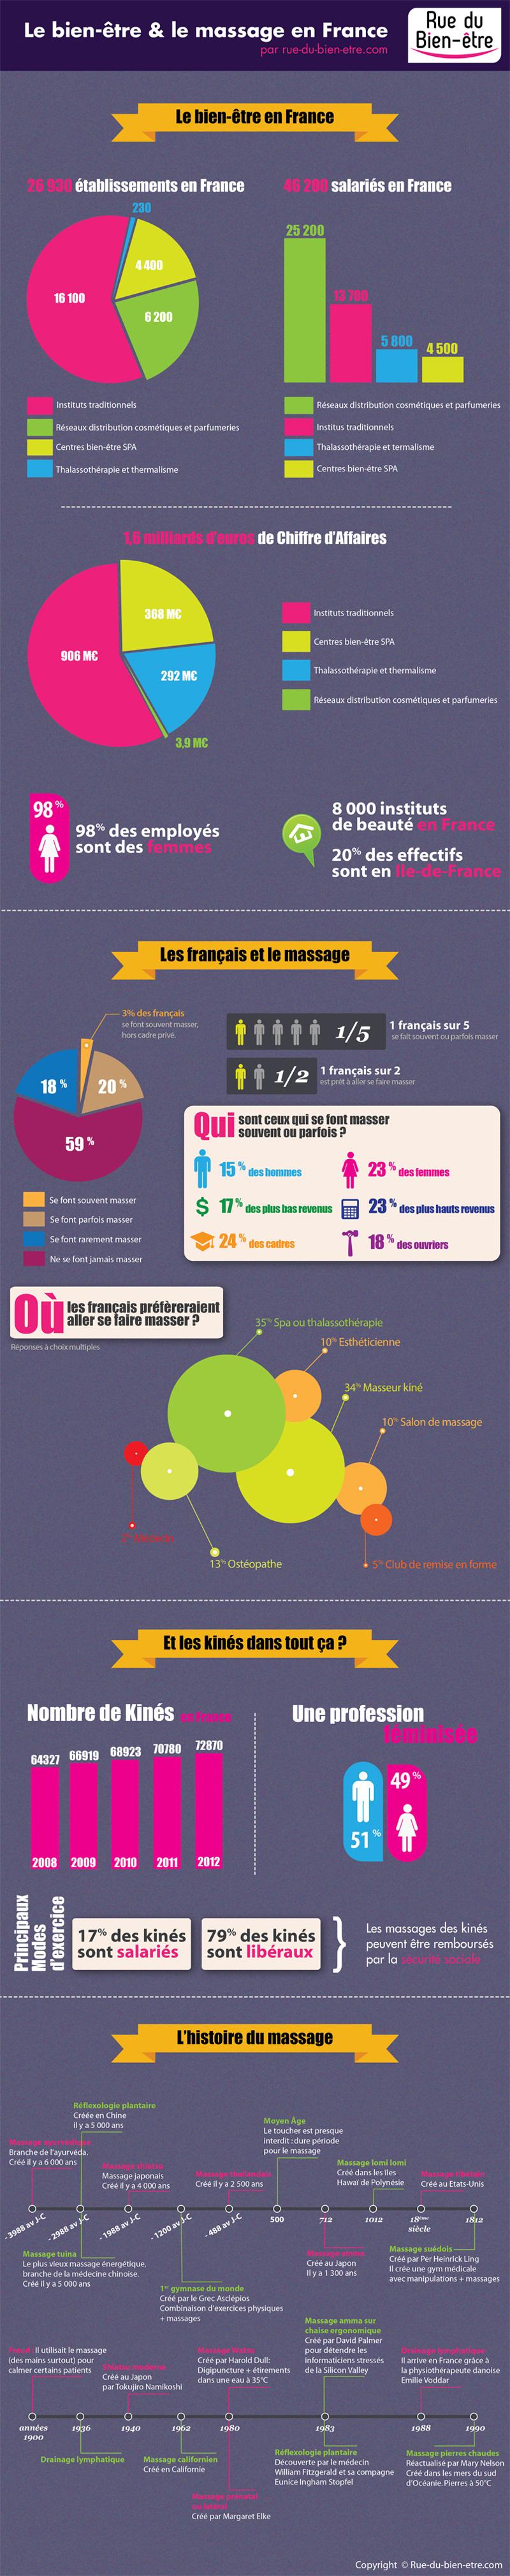 Infographie sur le bien-être et le massage en France